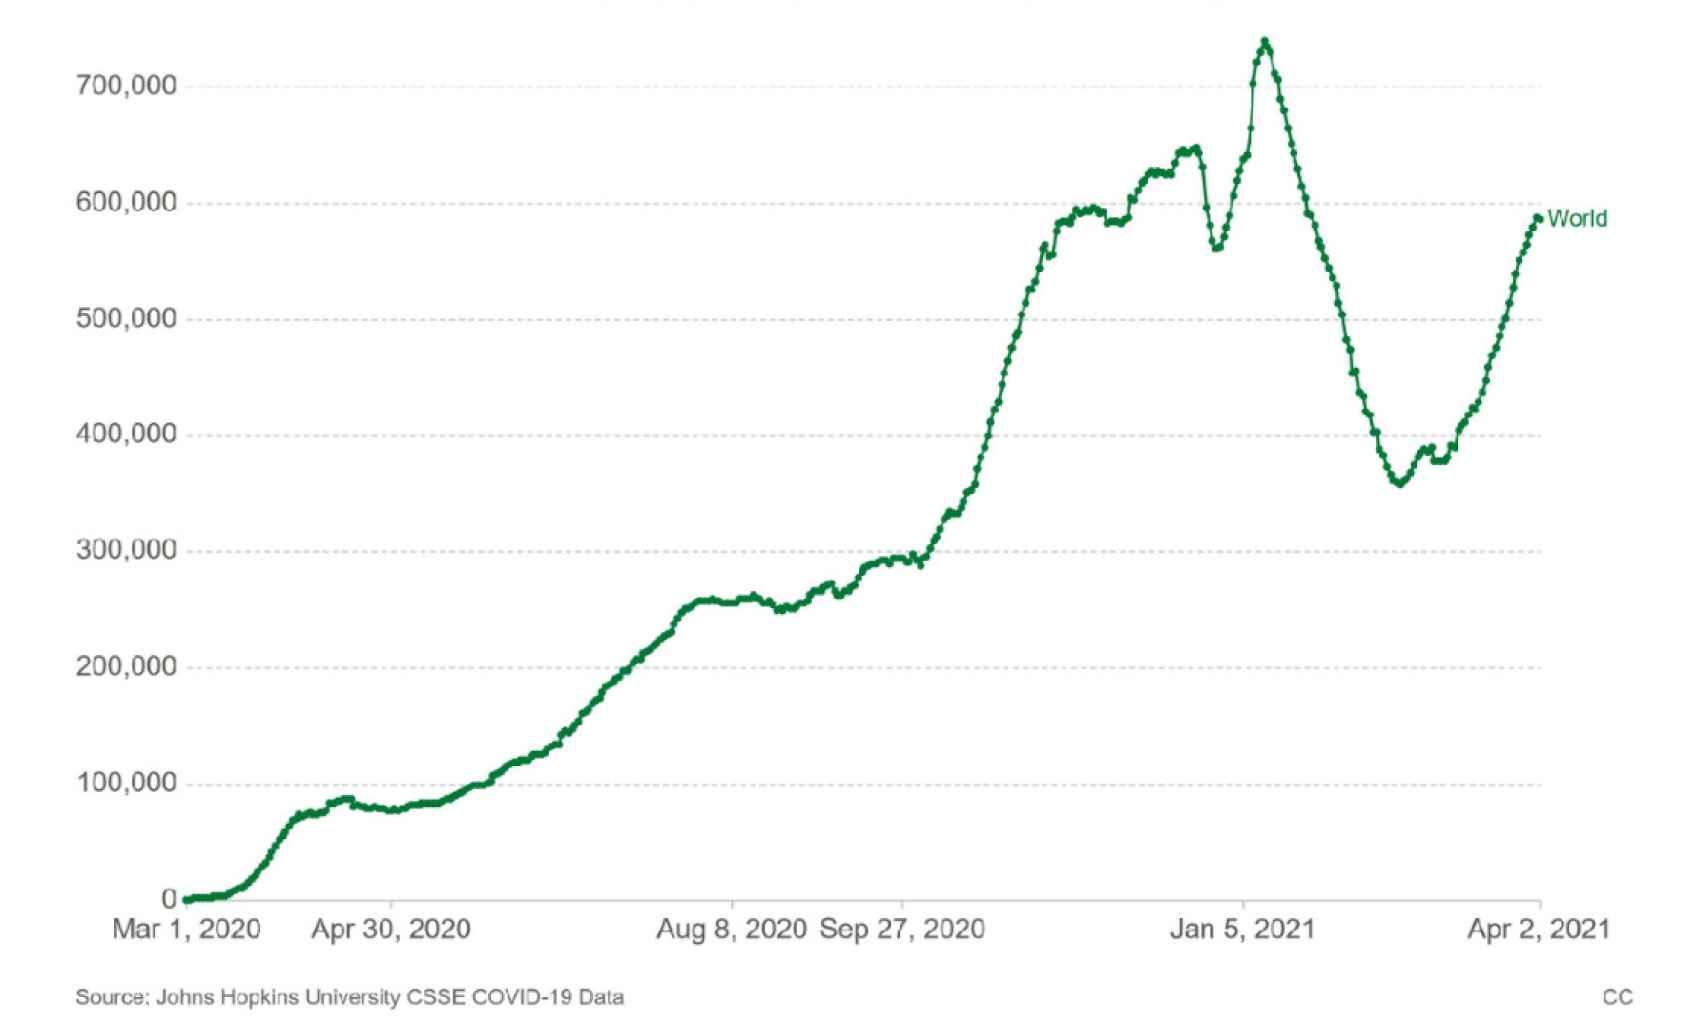 Gráfico 1. Datos diarios de Covid-19 en el mundo.